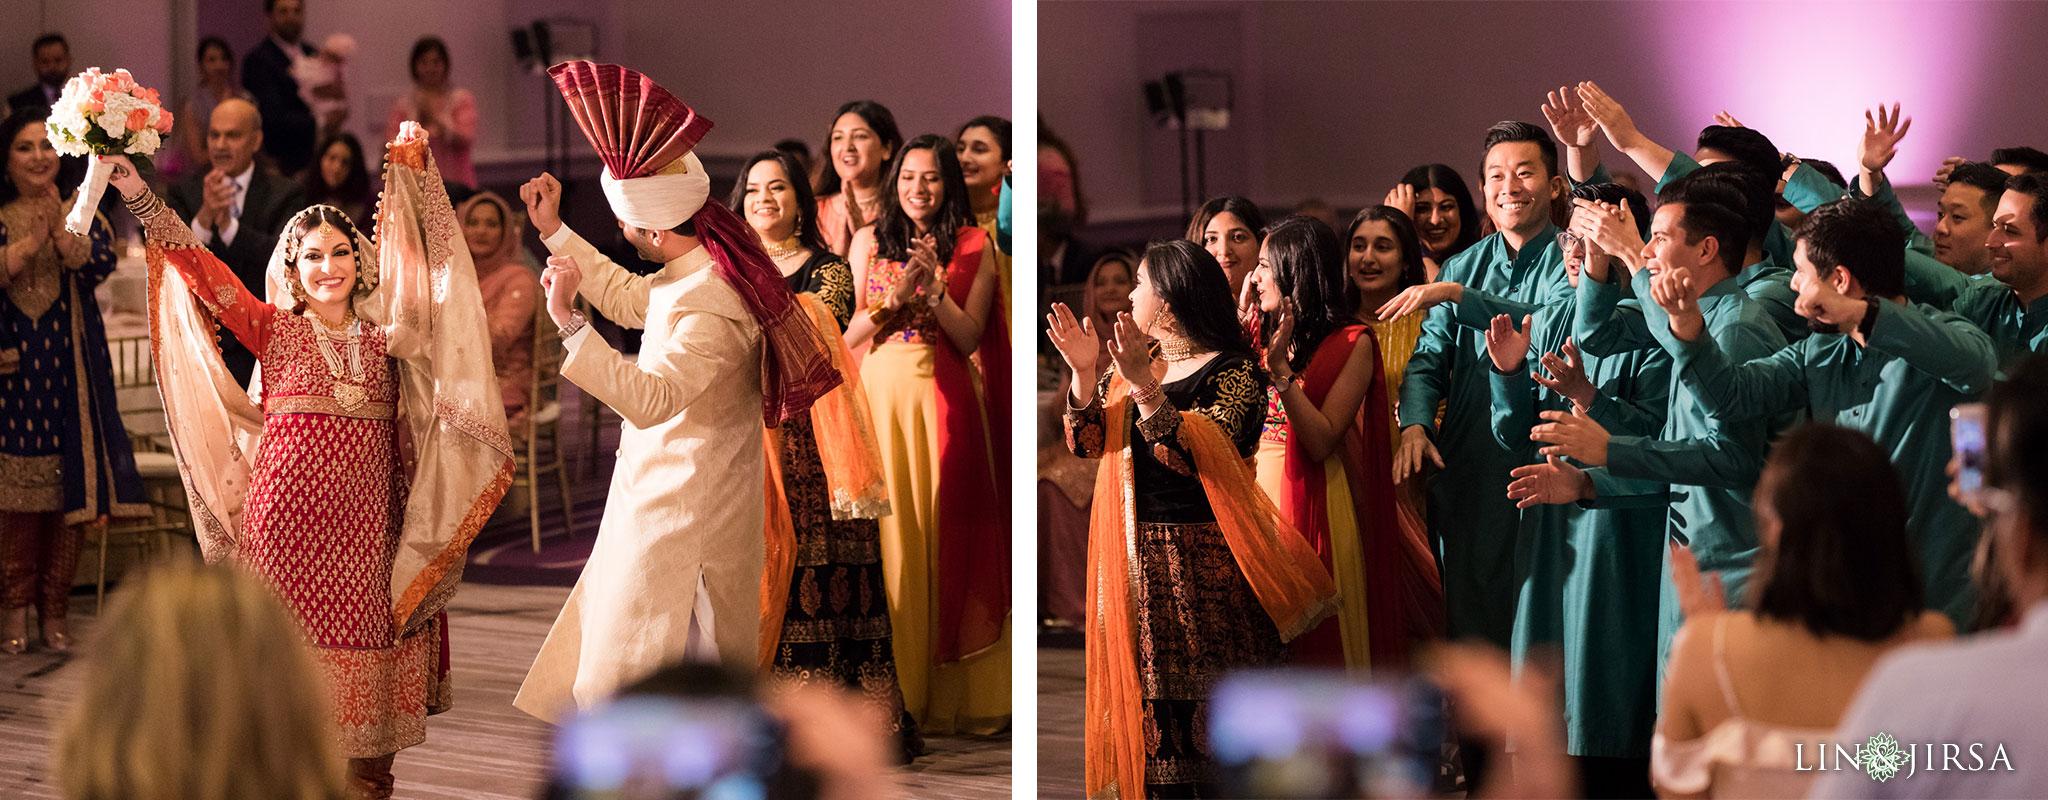 19 hilton long beach pakistani persian muslim wedding mehndi waleema photography